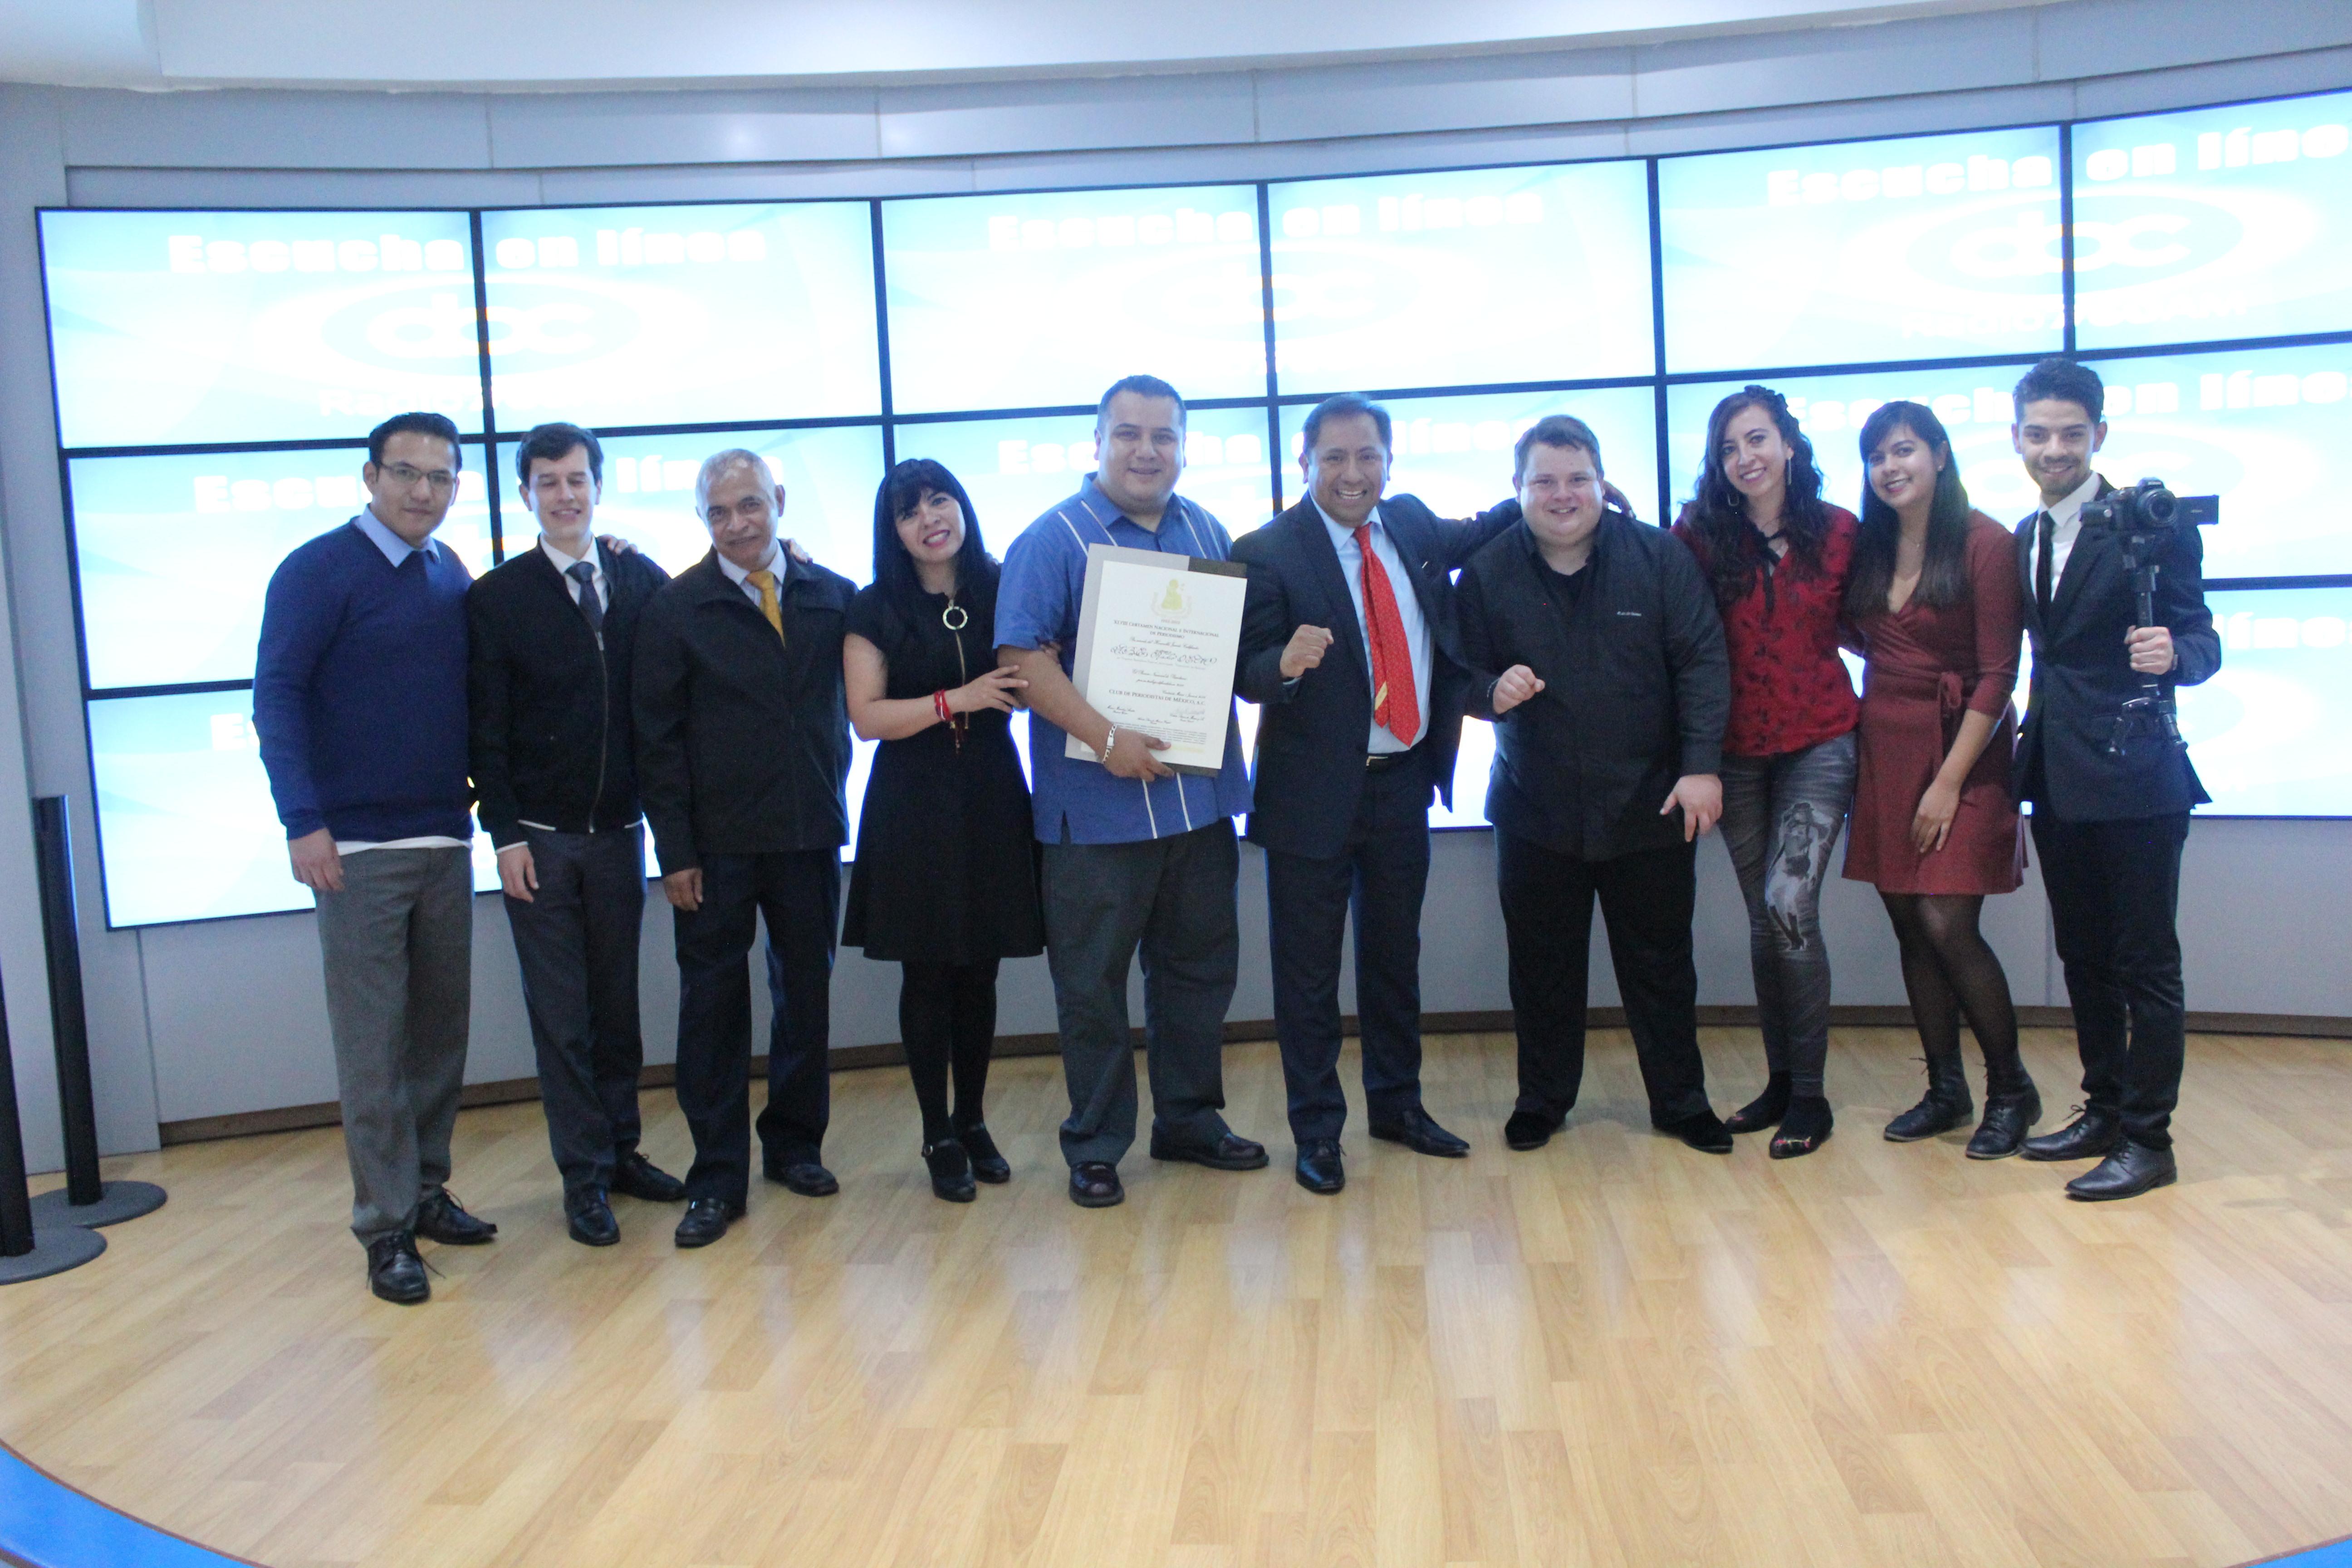 ABC Radio recibe dos reconocimientos en la entrega del Premio Nacional de Periodismo del Club de Periodistas